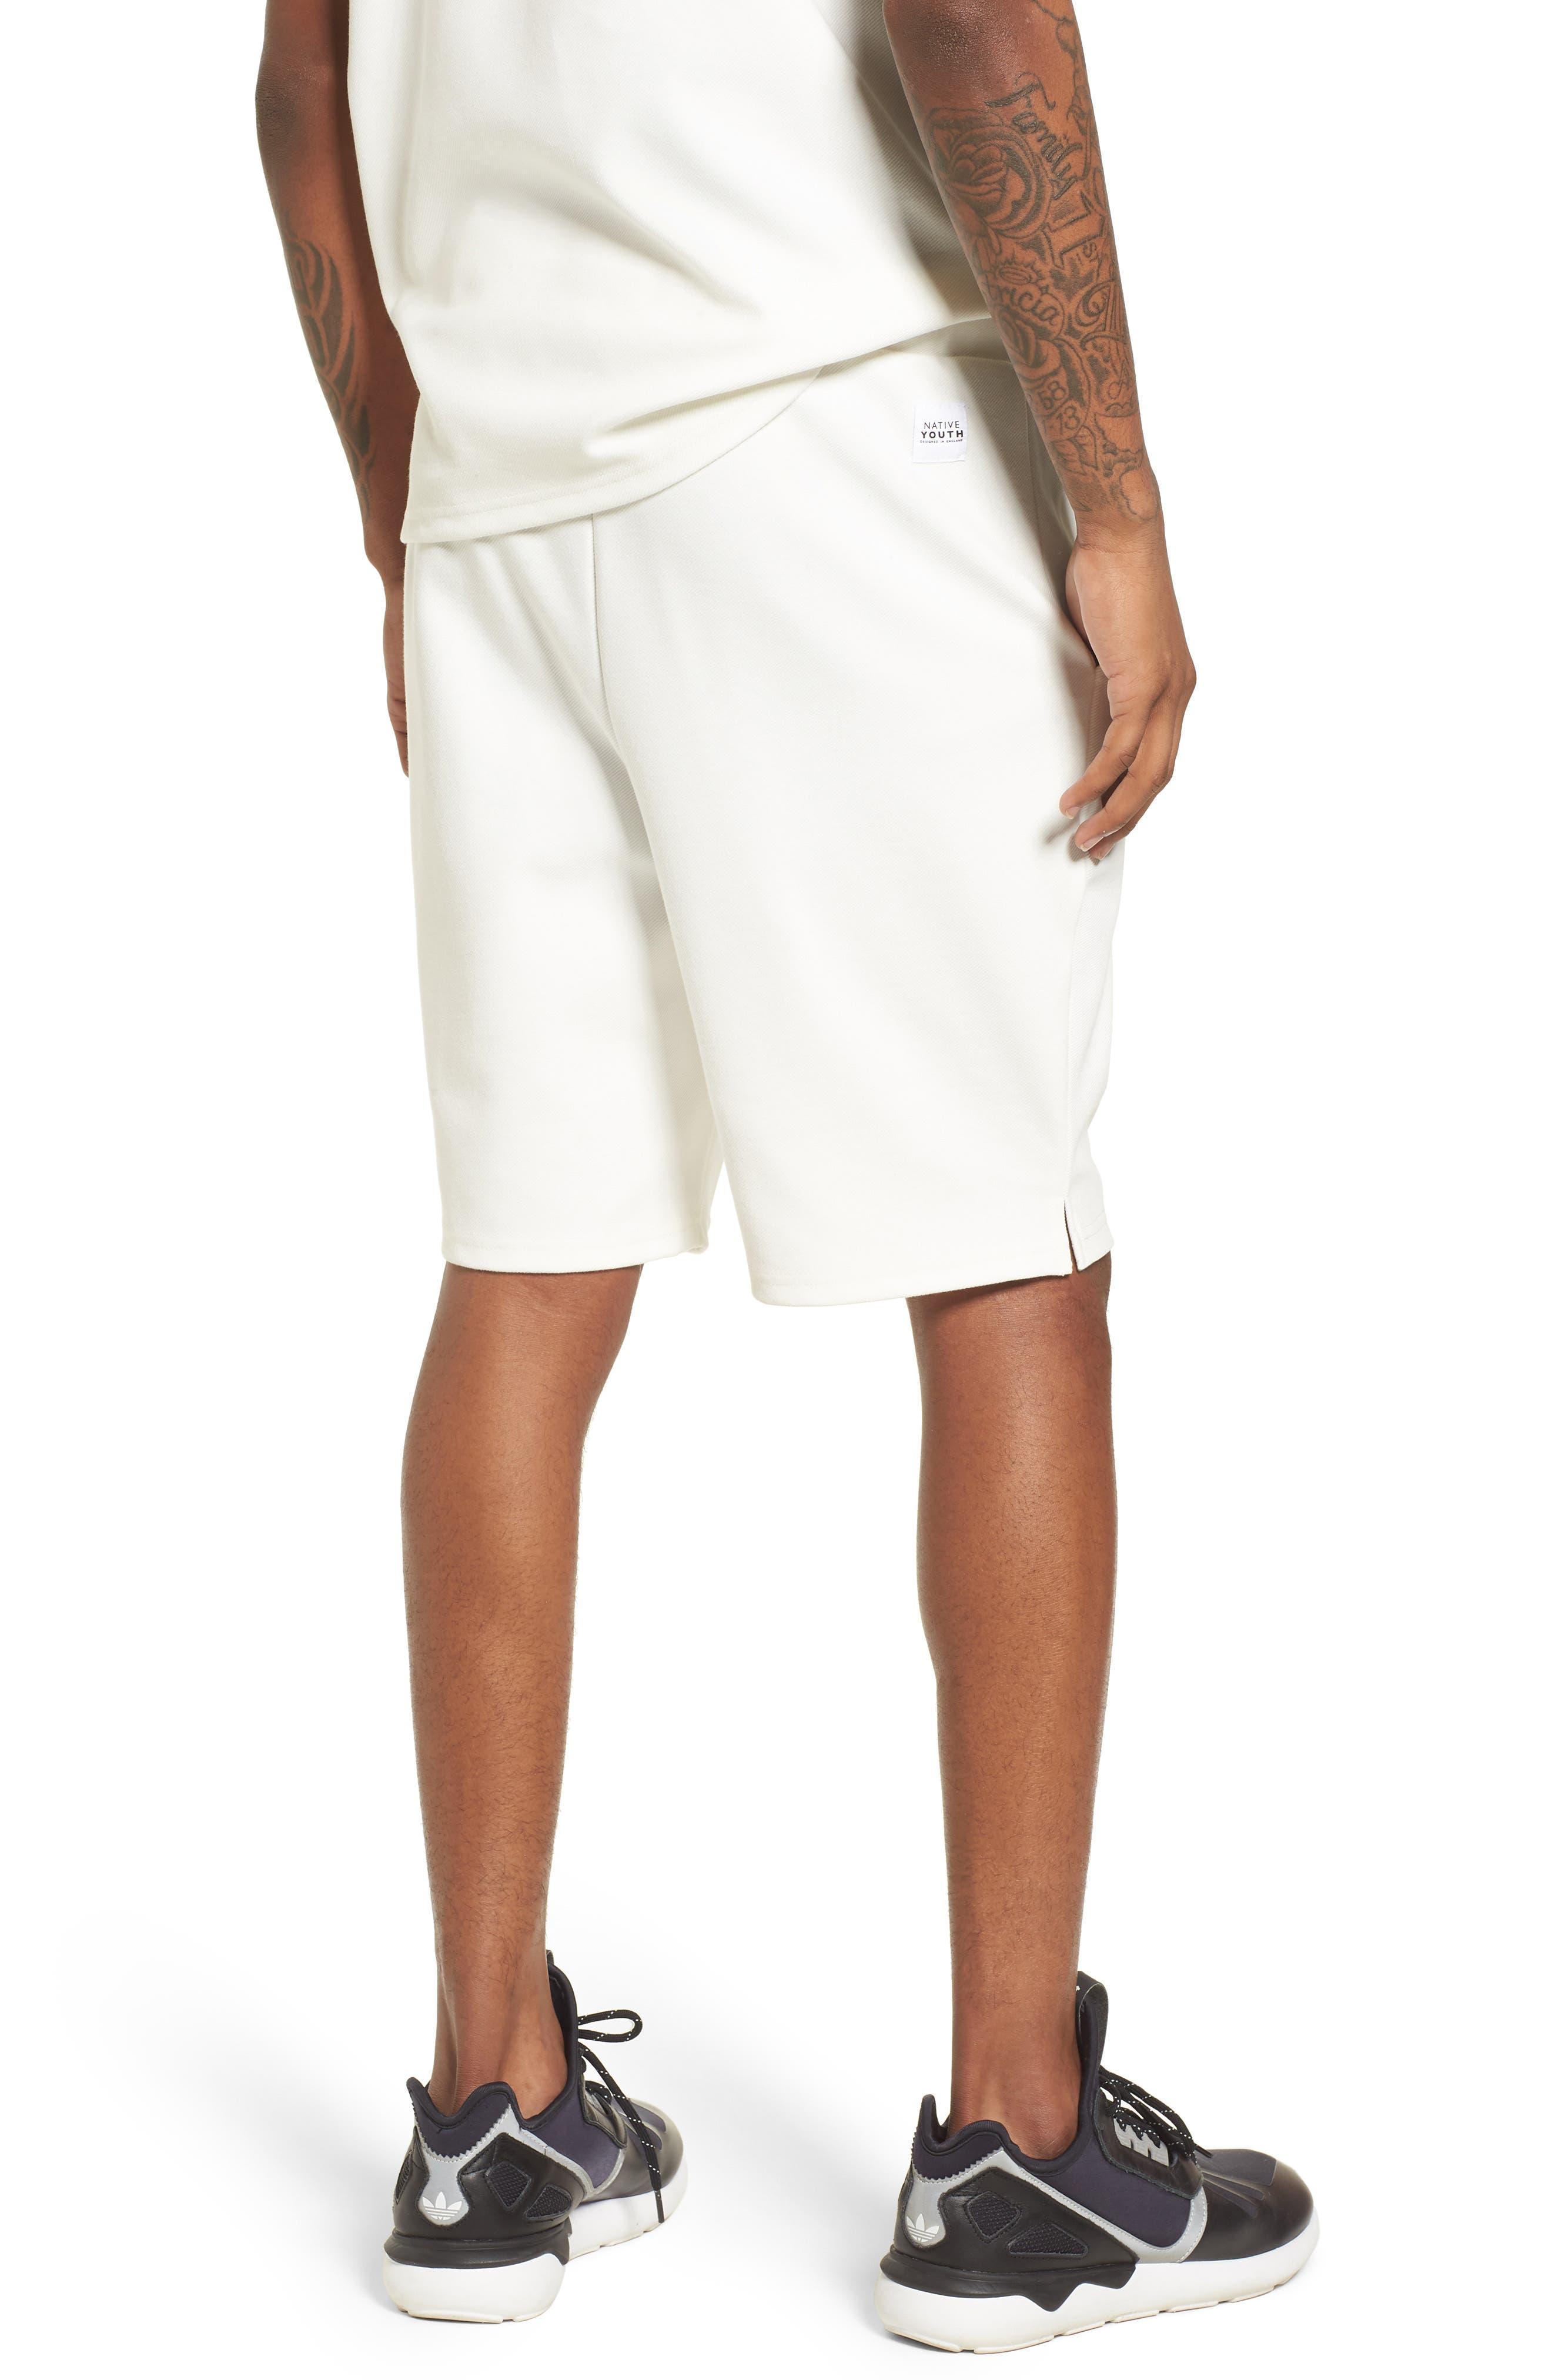 Storm Shorts,                             Alternate thumbnail 2, color,                             White